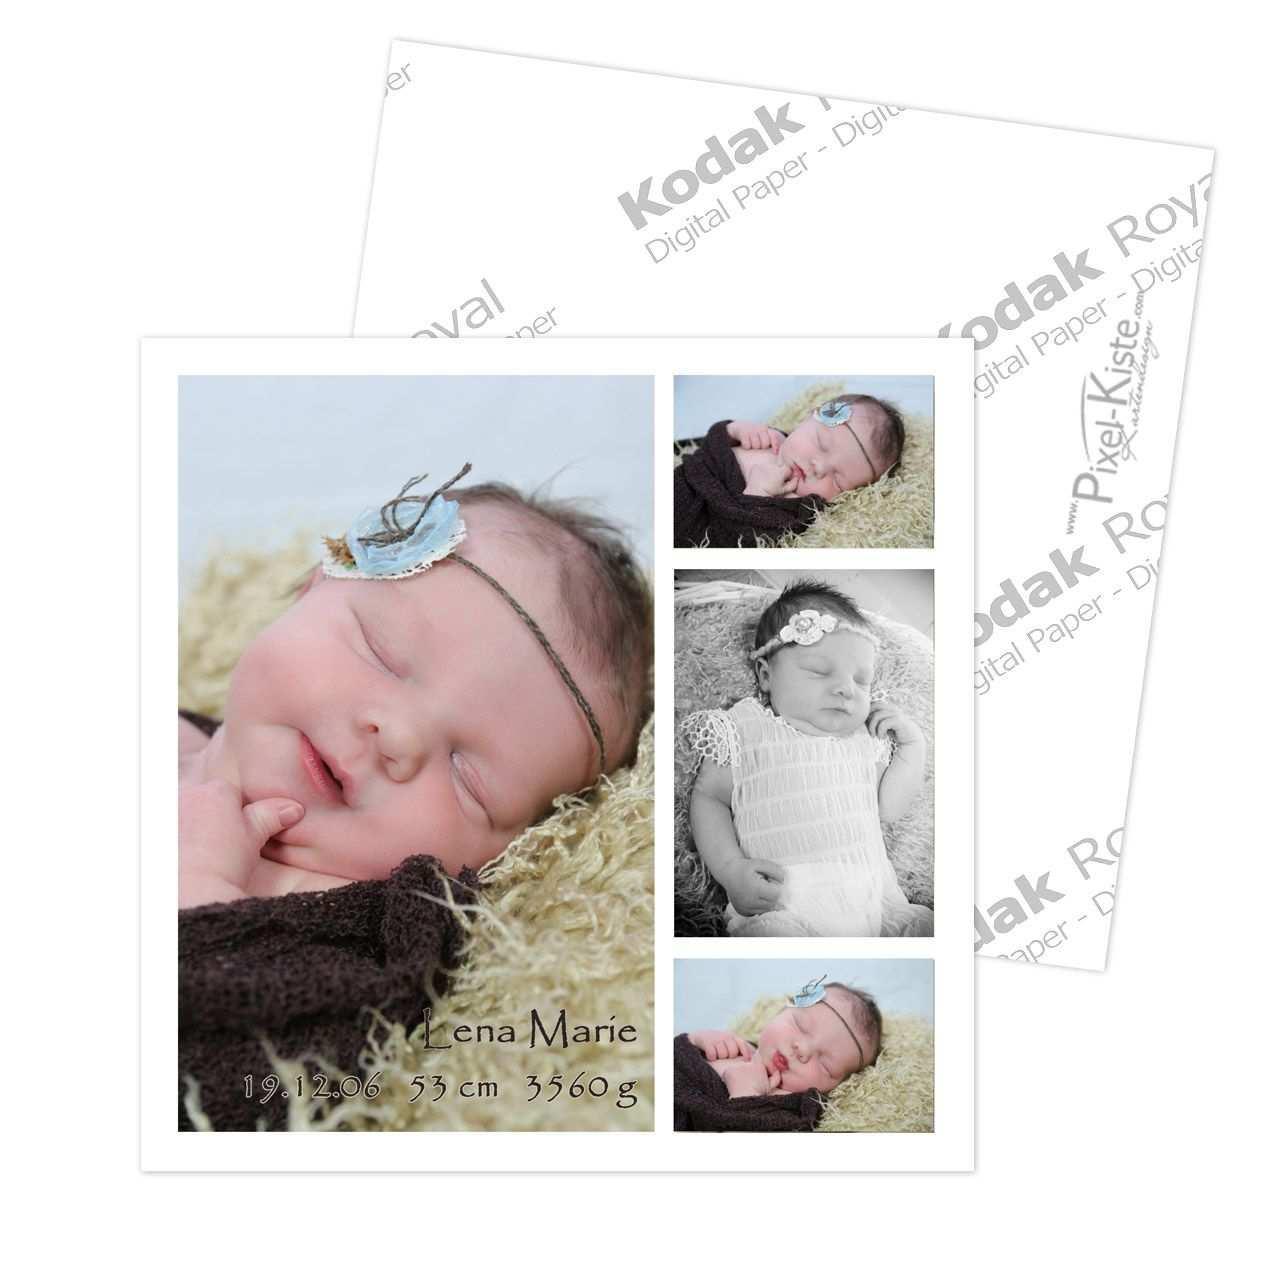 Geburtsanzeige Karte Quadratisch Geburtsanzeige Geburtsanzeigen Geburtsanzeigekarten